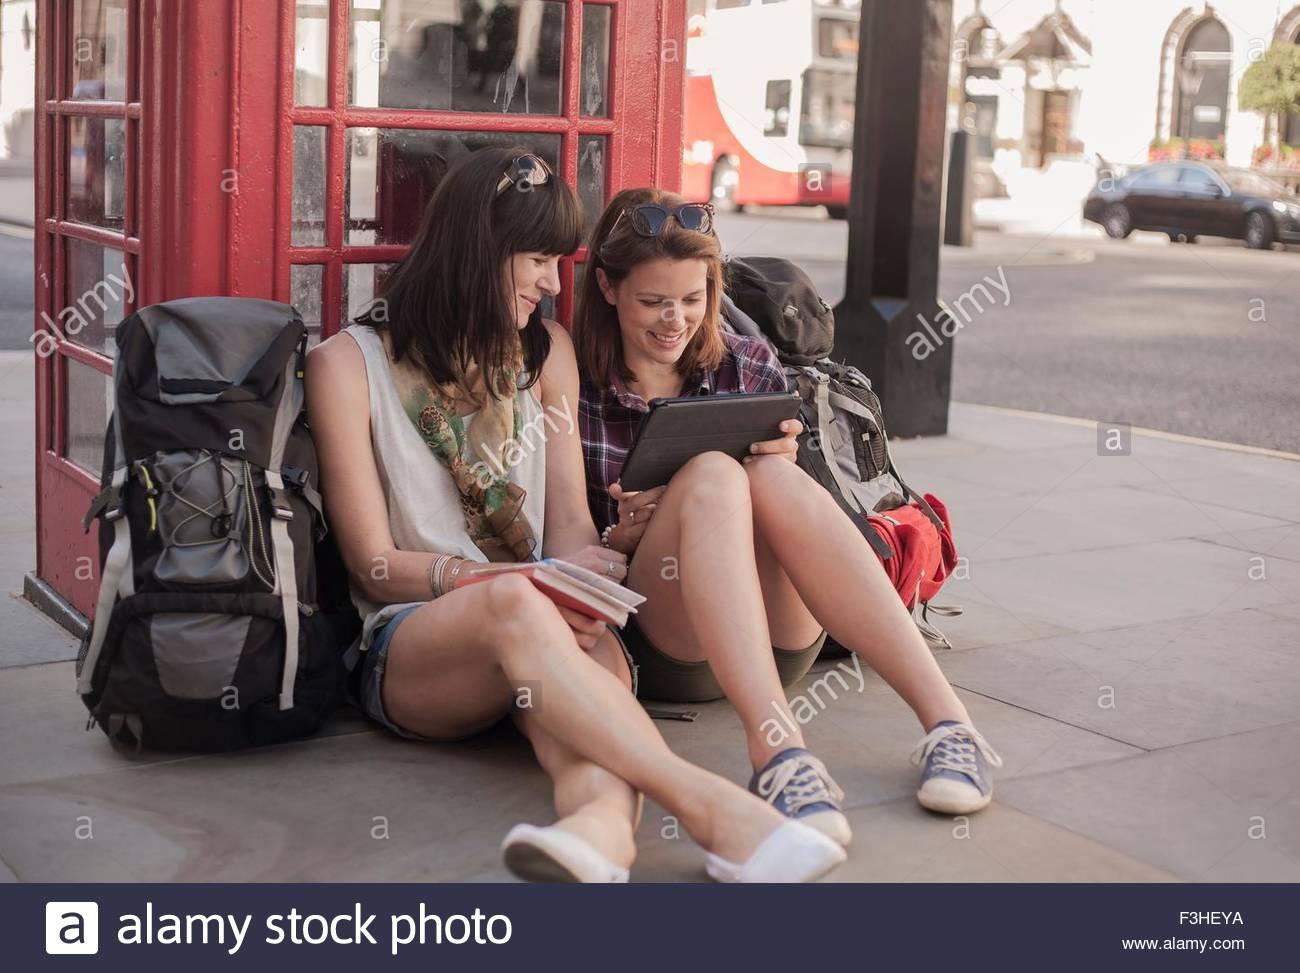 Due donne backpackers seduti sul marciapiede pianificazione percorso sulla tavoletta digitale, London, Regno Unito Immagini Stock